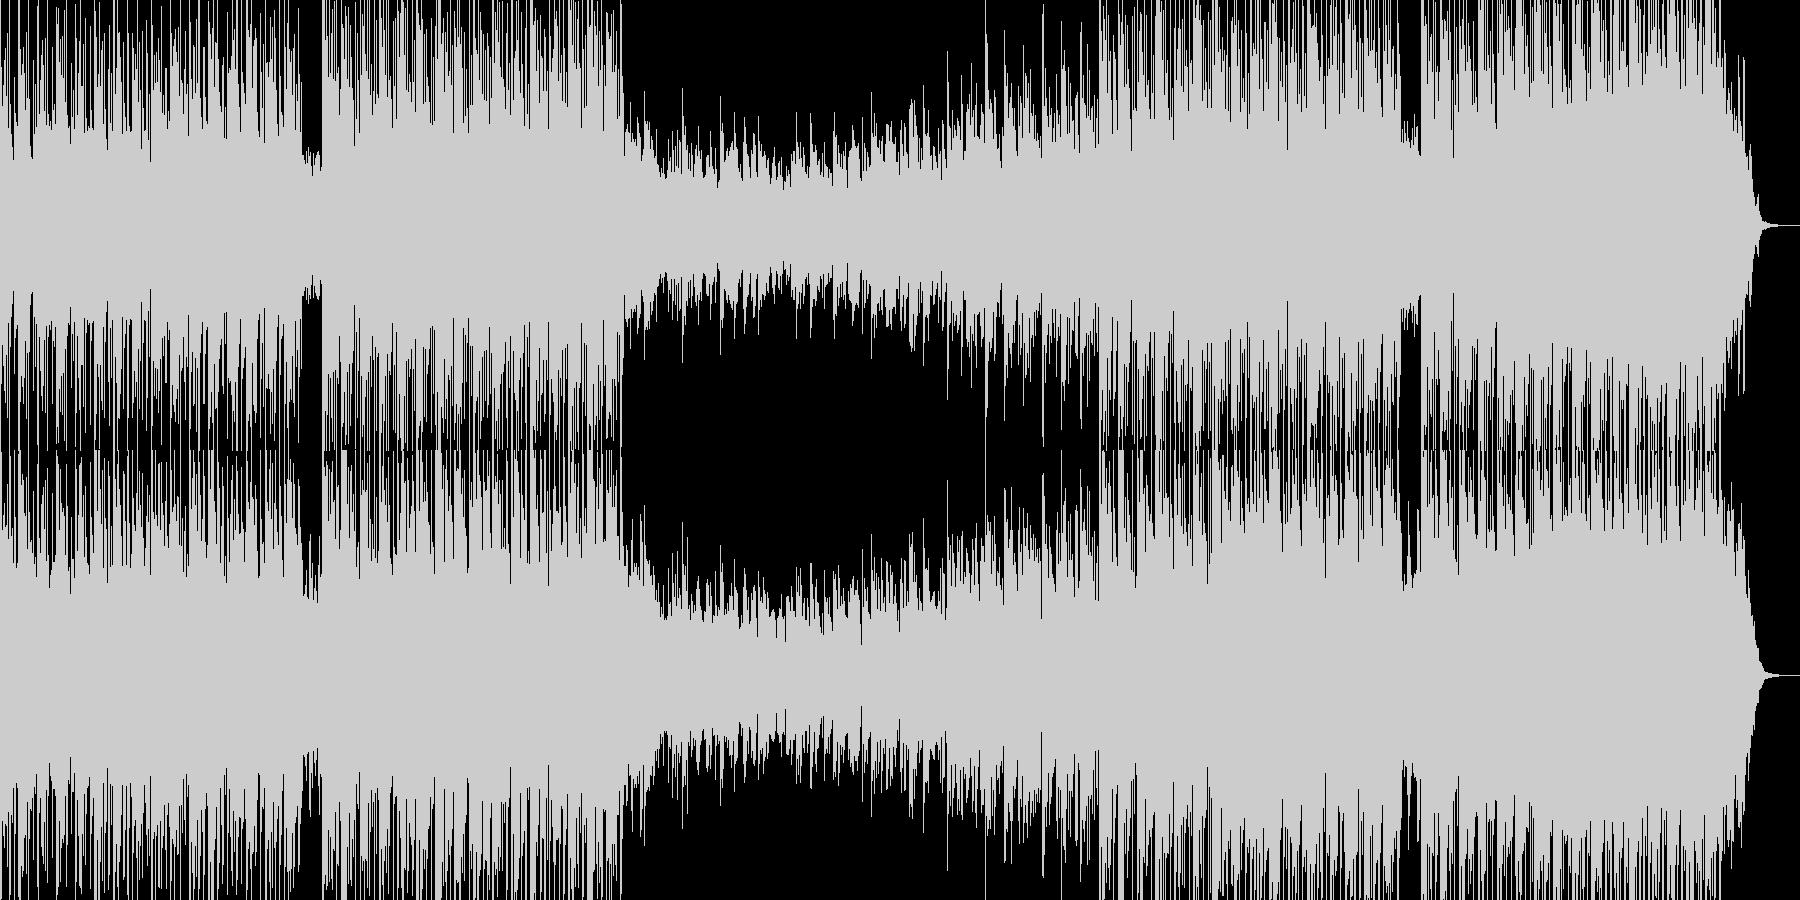 映像、リラックス音楽ーRed lotusの未再生の波形